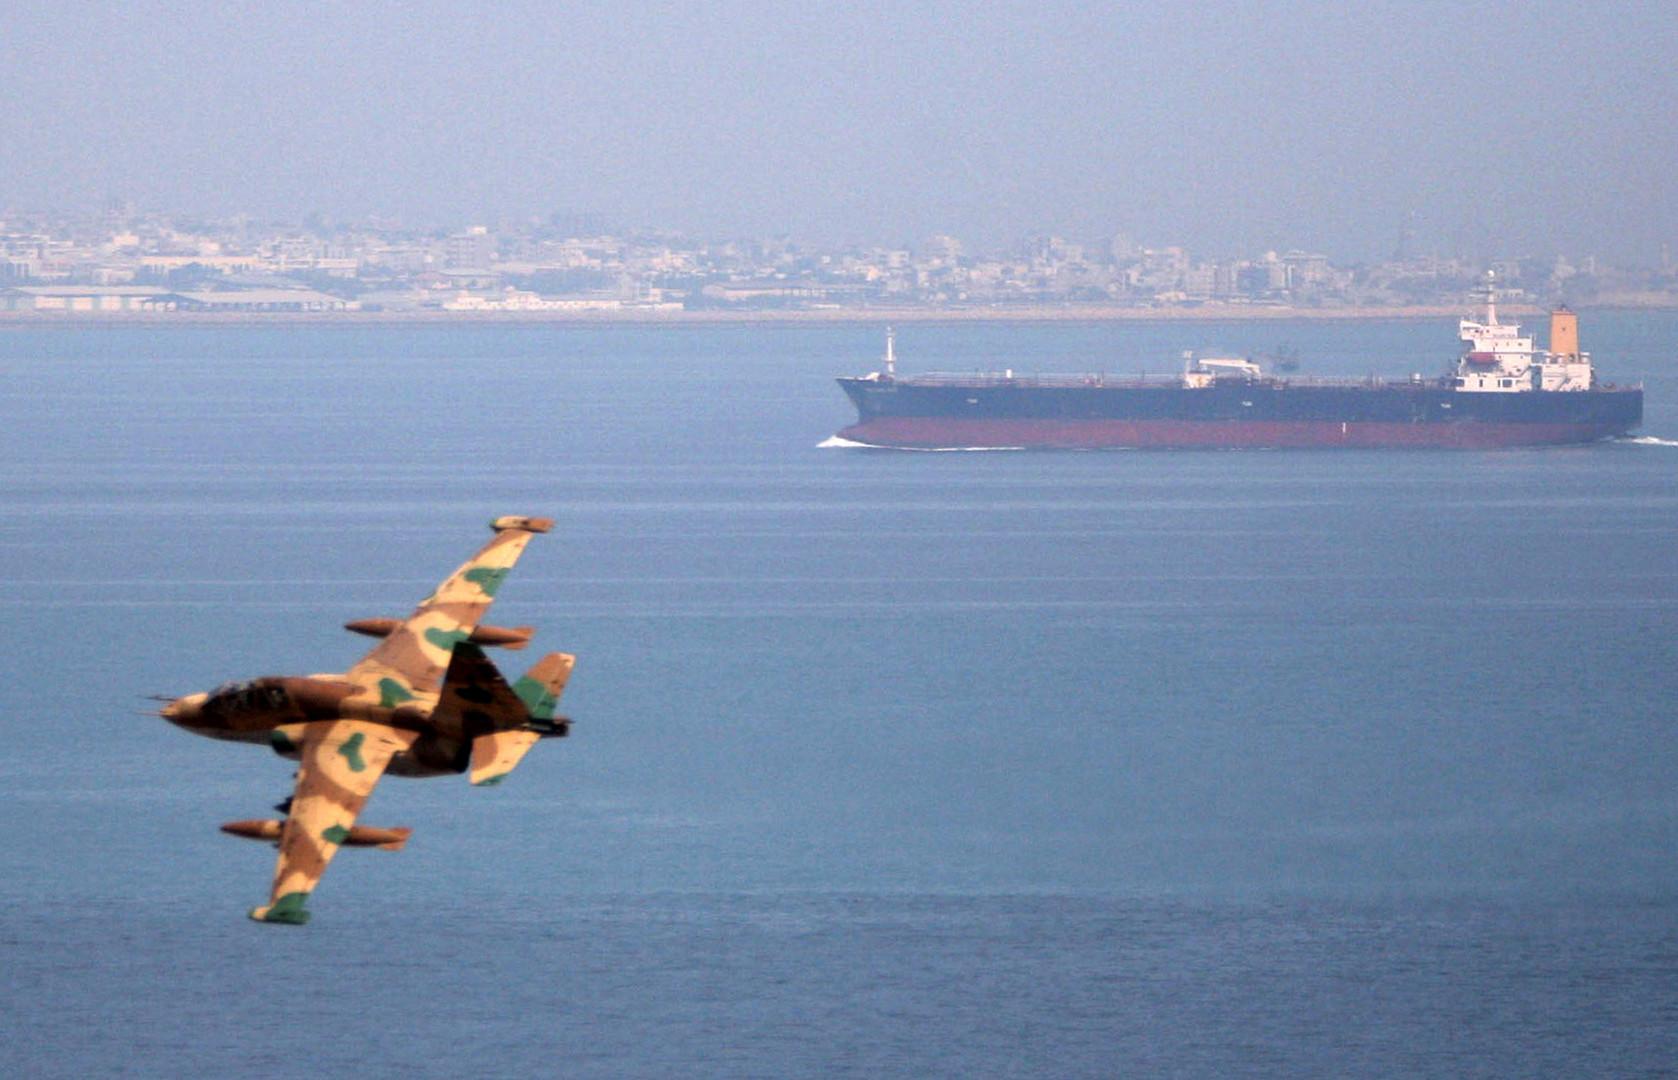 مقاتلة إيرانية تحلق فوق ناقلة نفط في خليج عمان- صورة أرشيفية